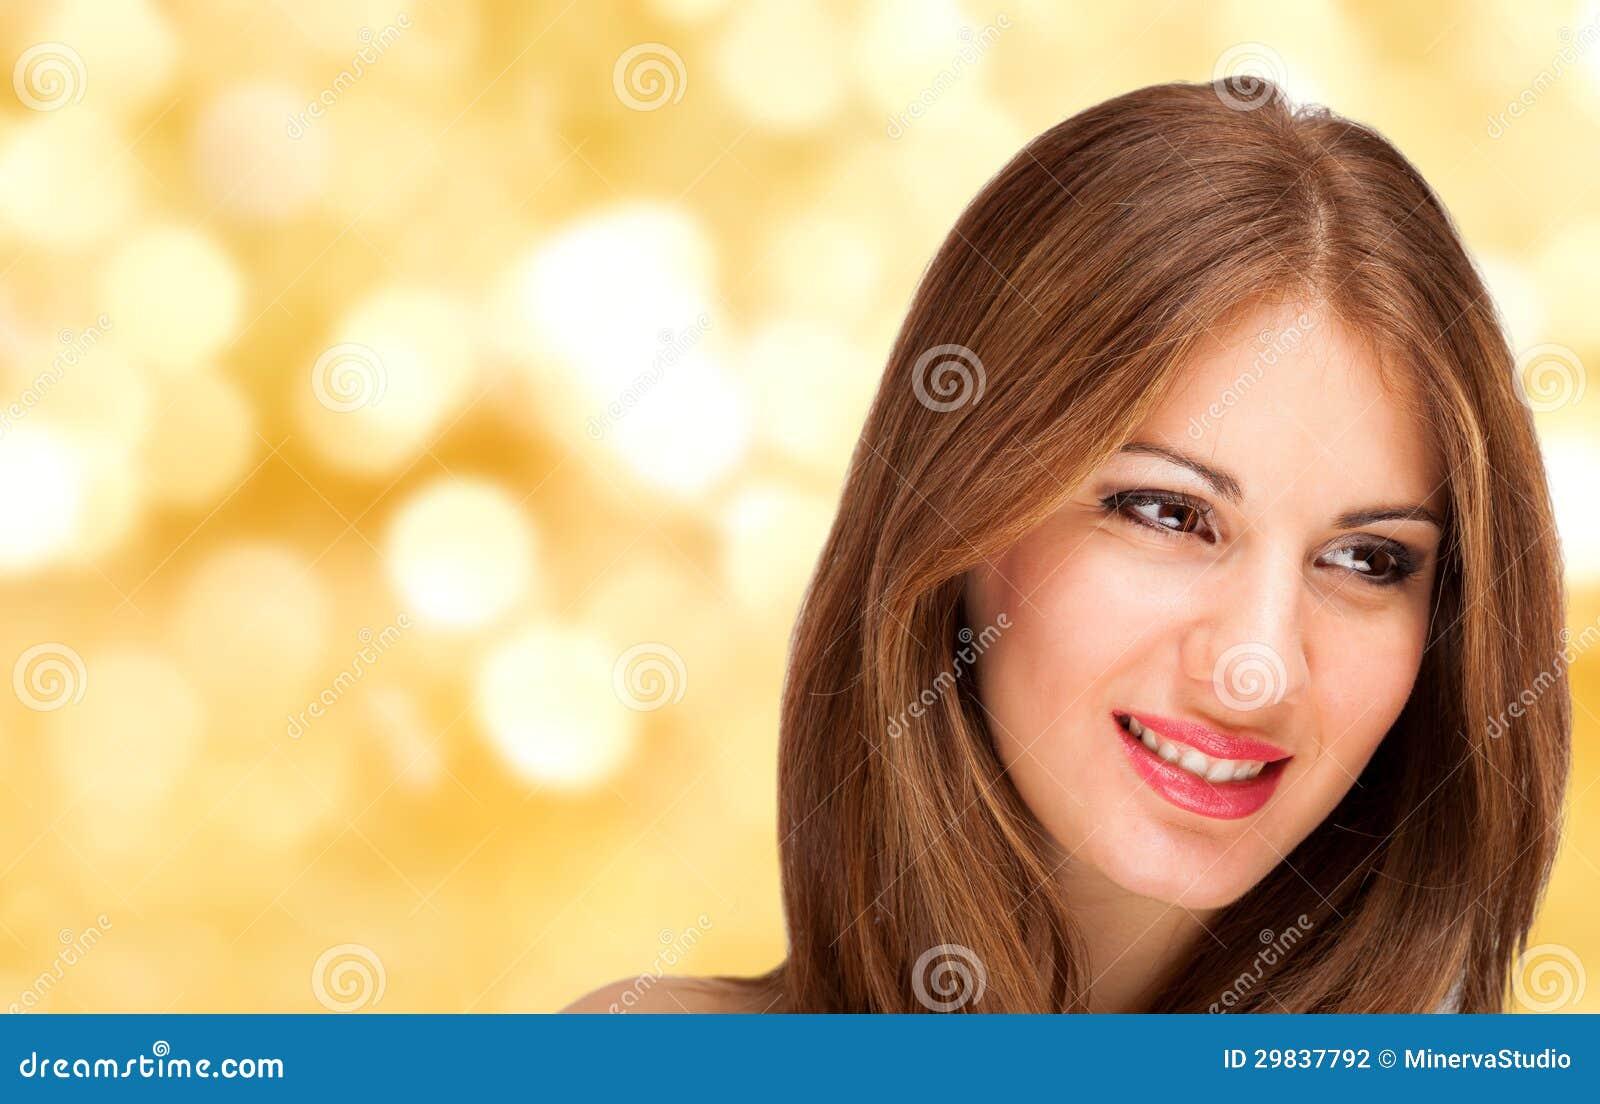 Retrato bonito da mulher